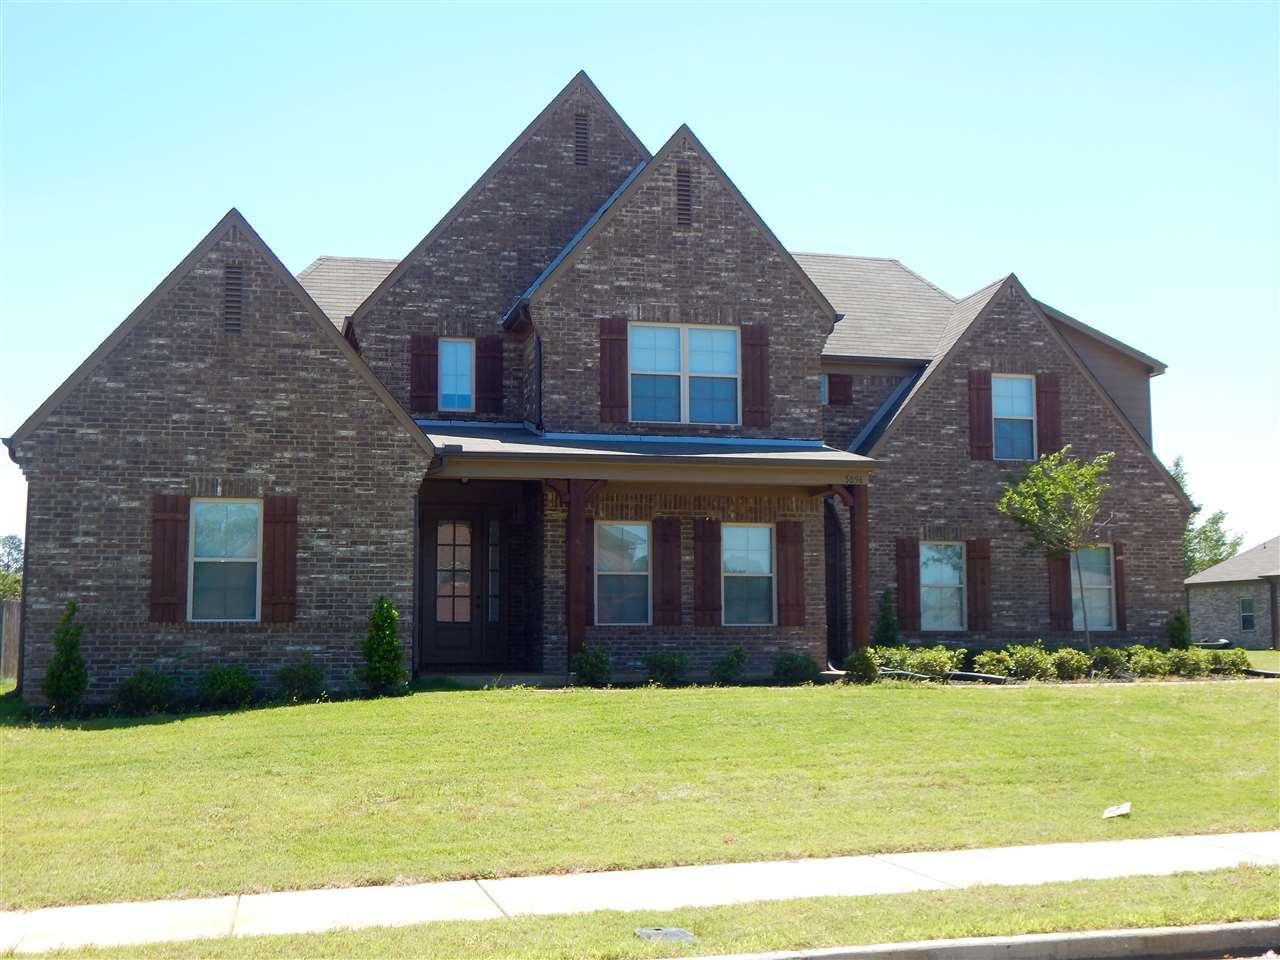 6108 Piney Bluff Bartlett, TN 38135 - MLS #: 10002751